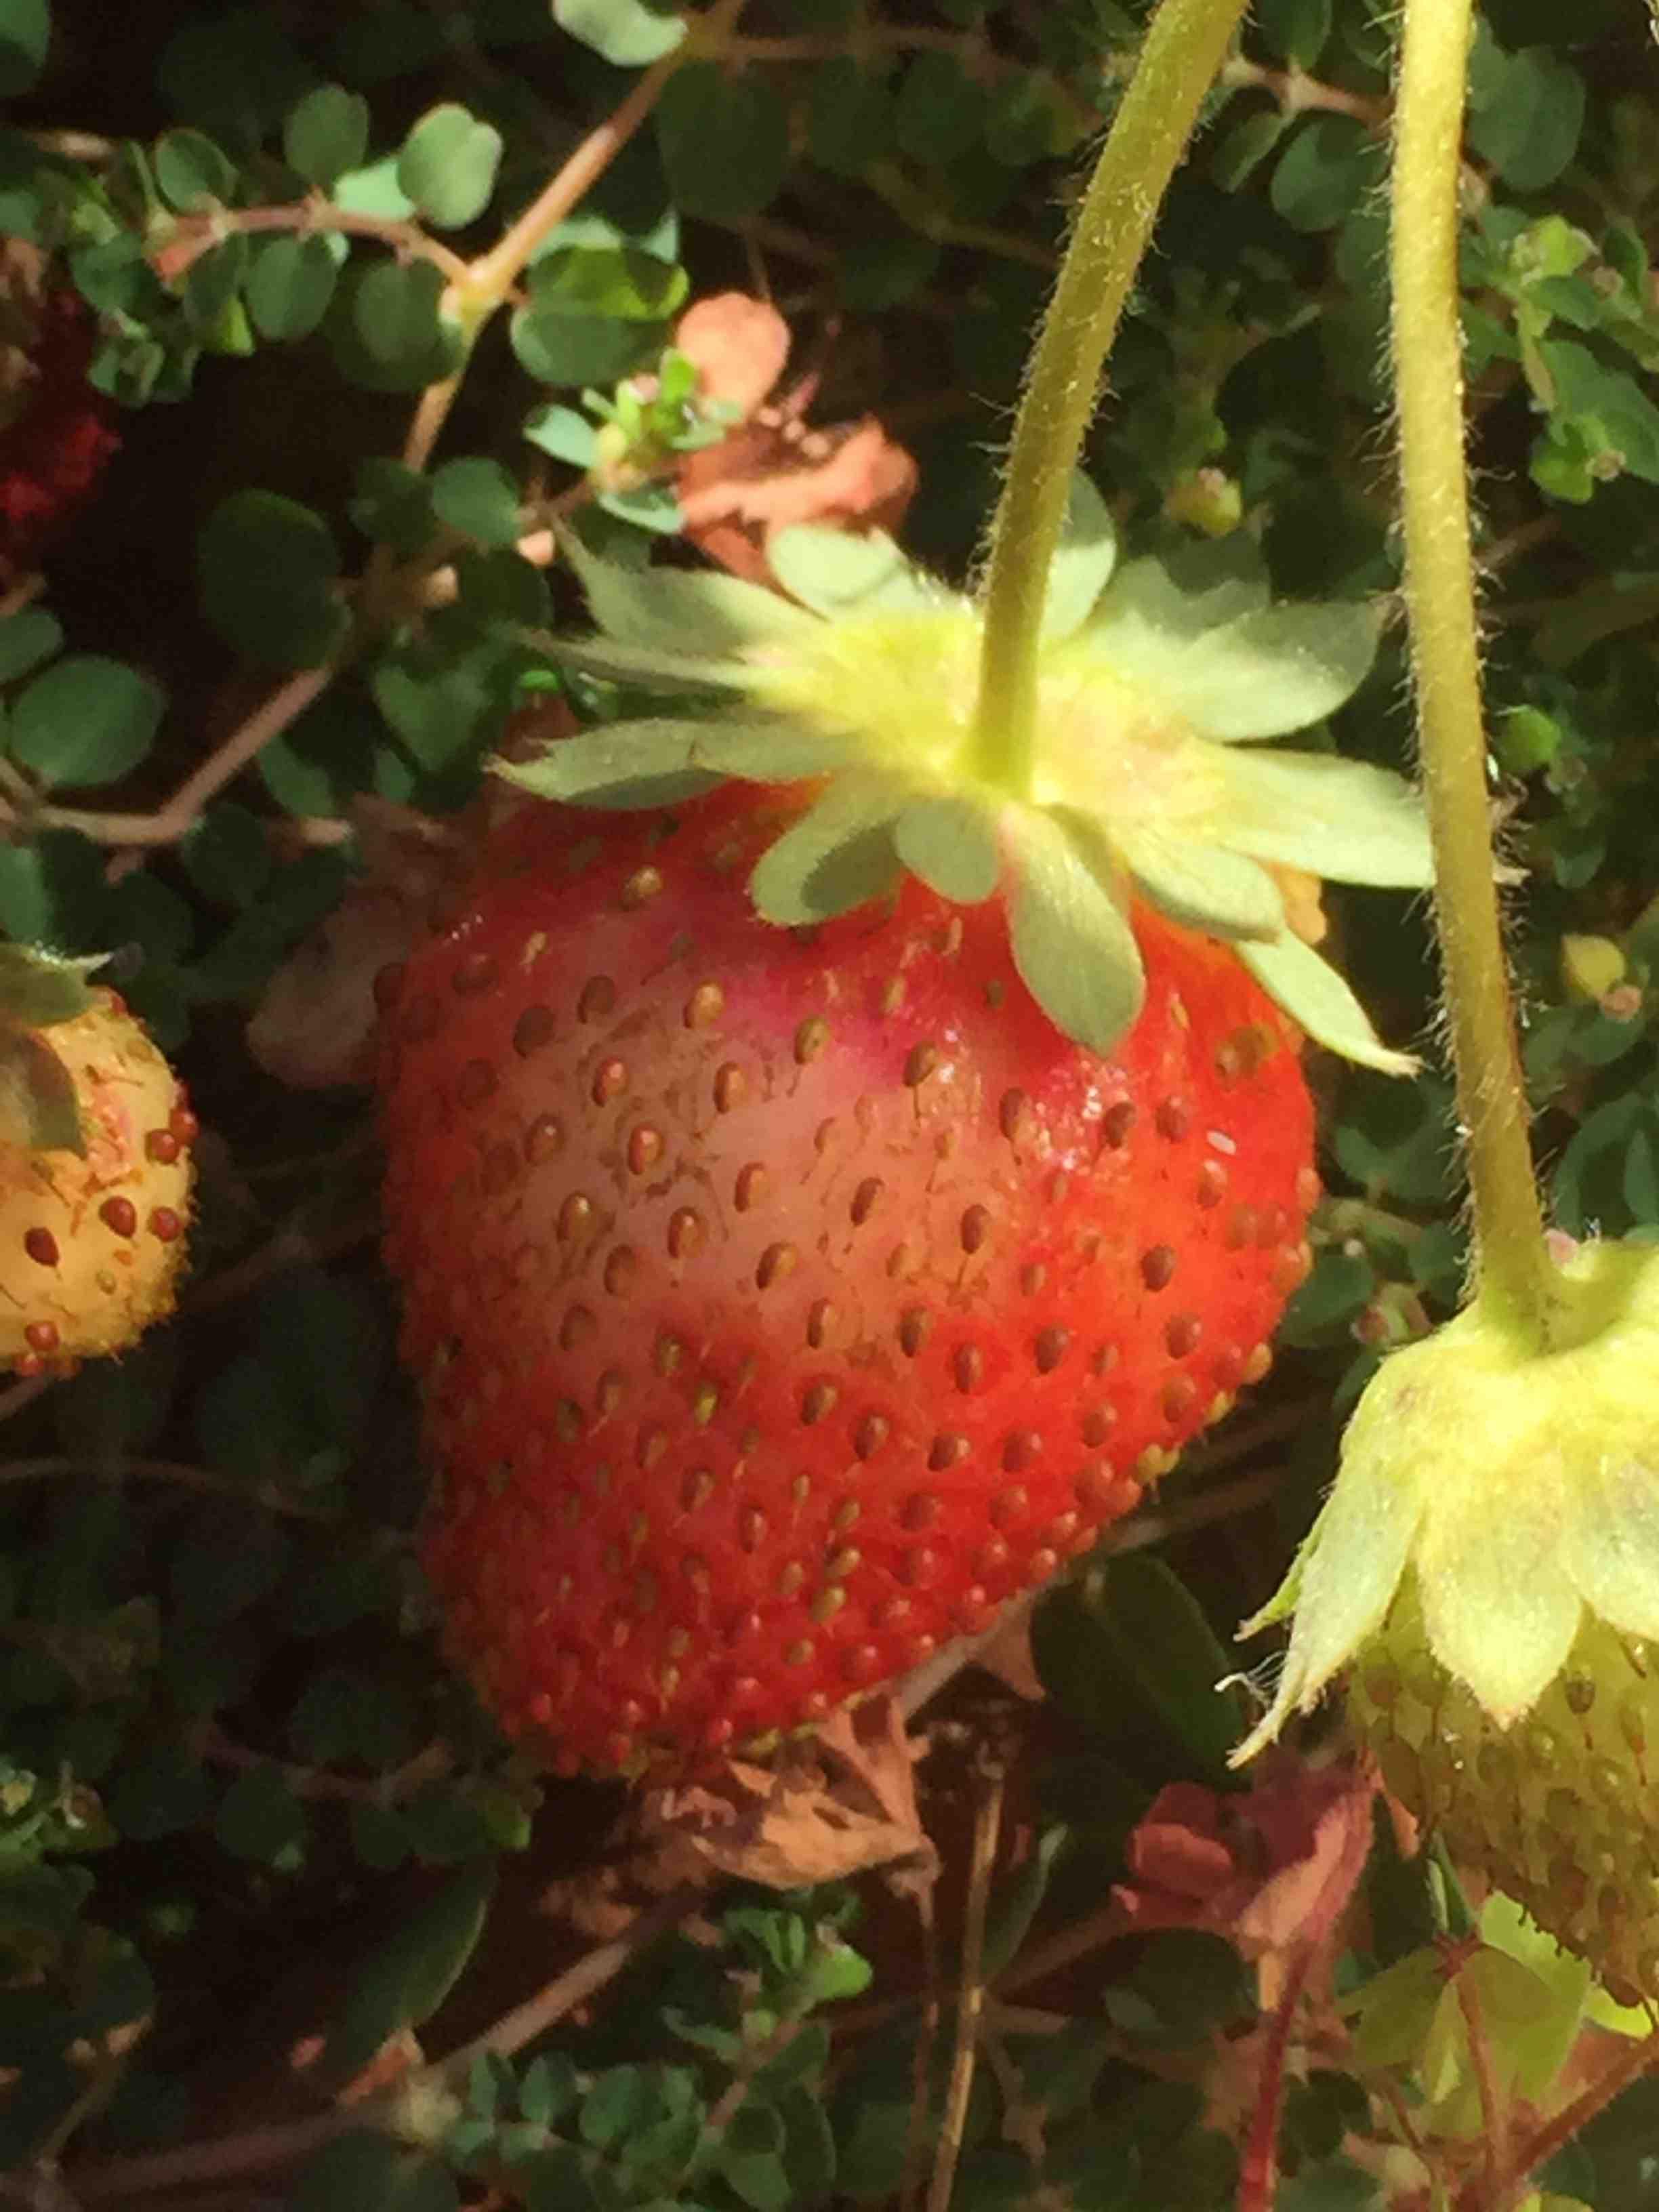 Strawberries - Reese Halter.jpg